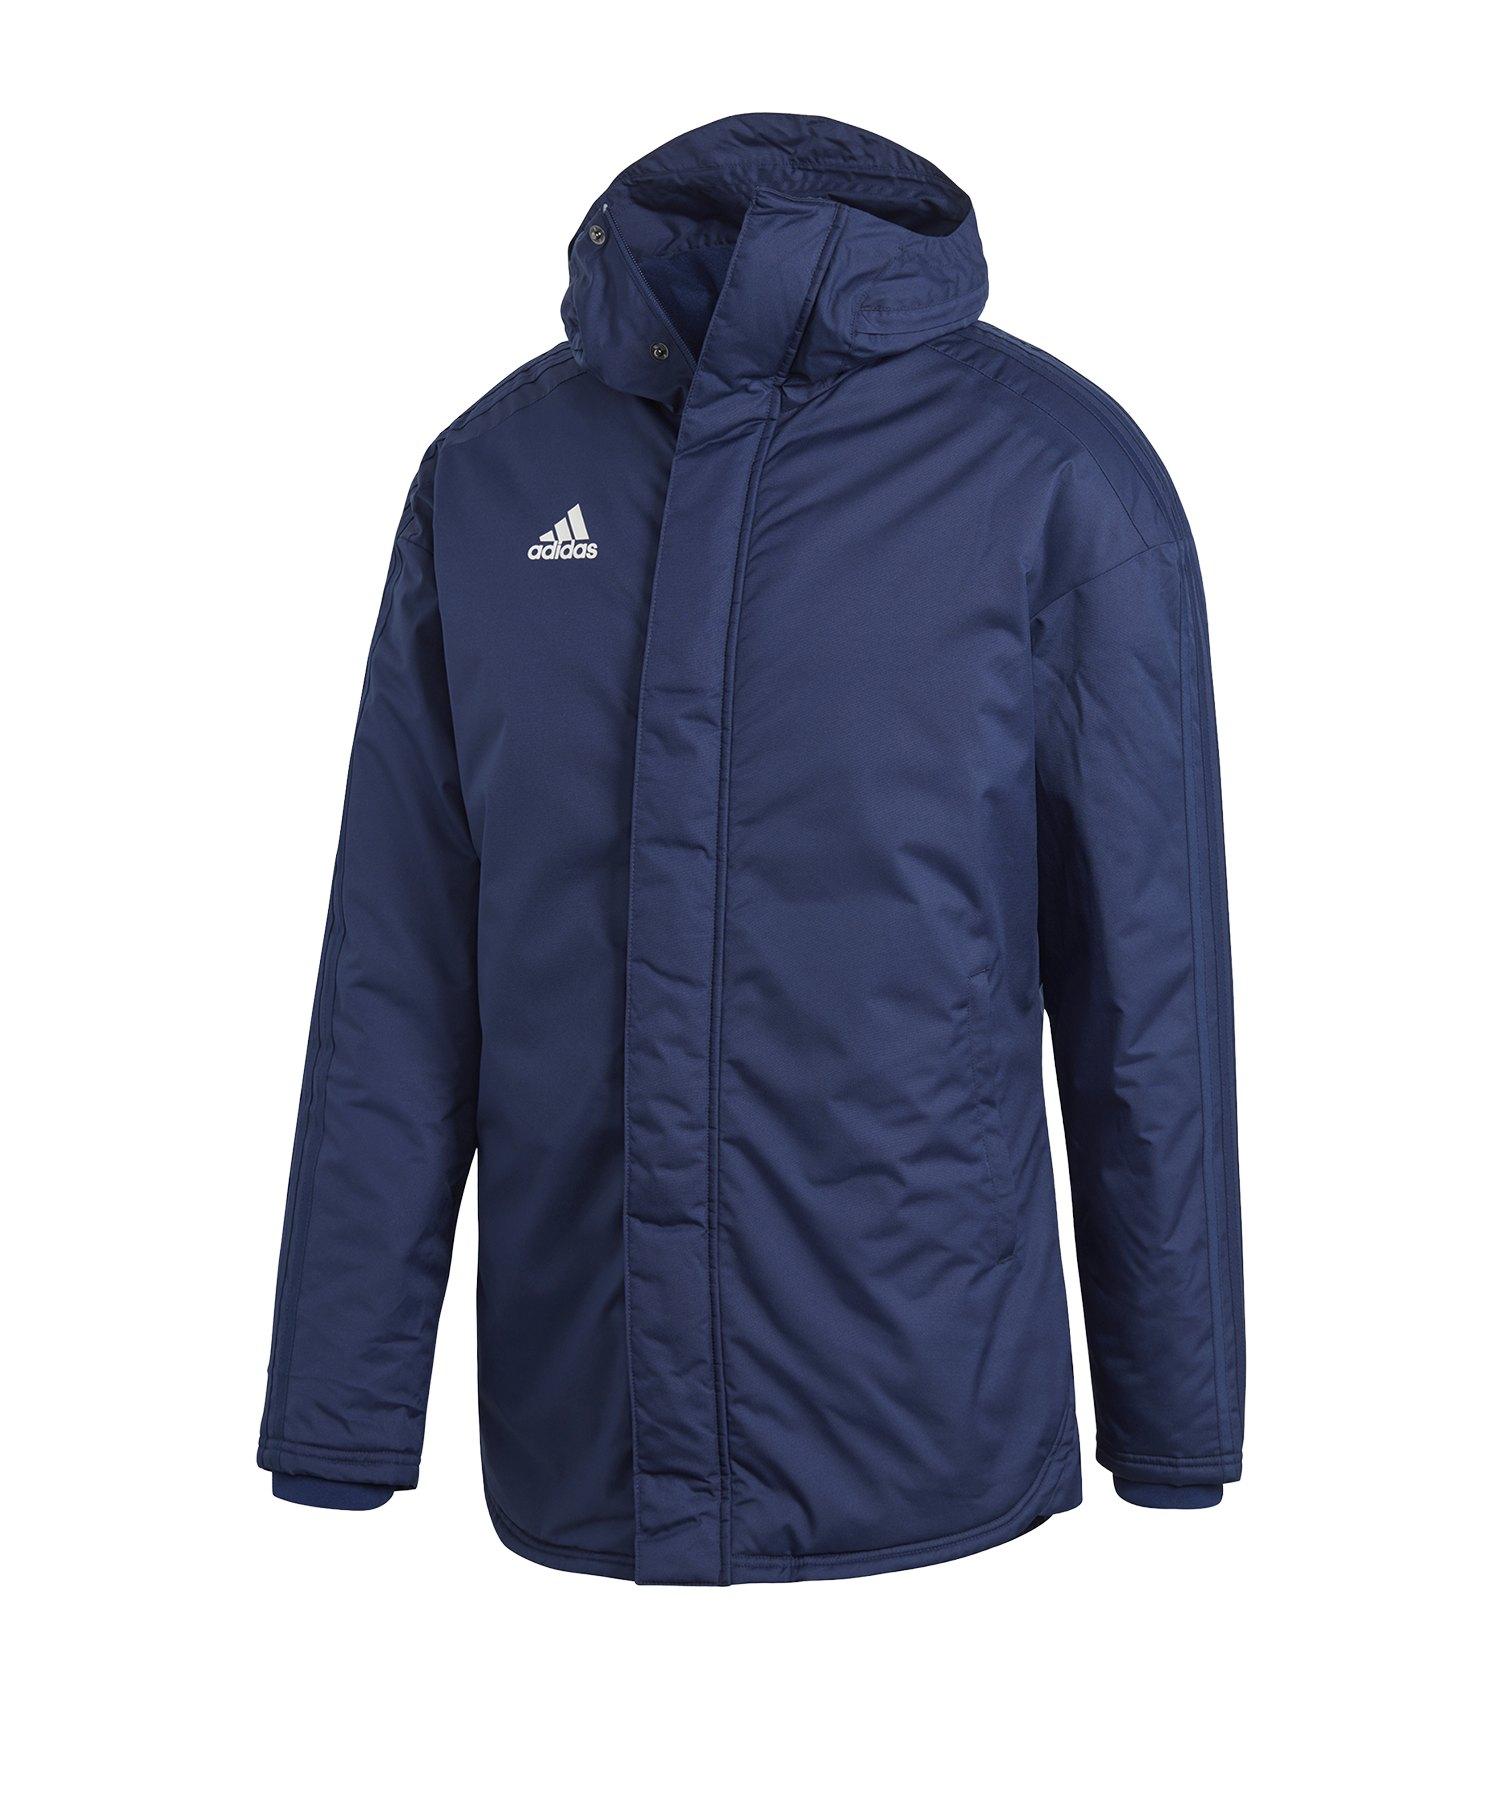 adidas Stadium Parka 18 Jacke Blau Weiss - blau